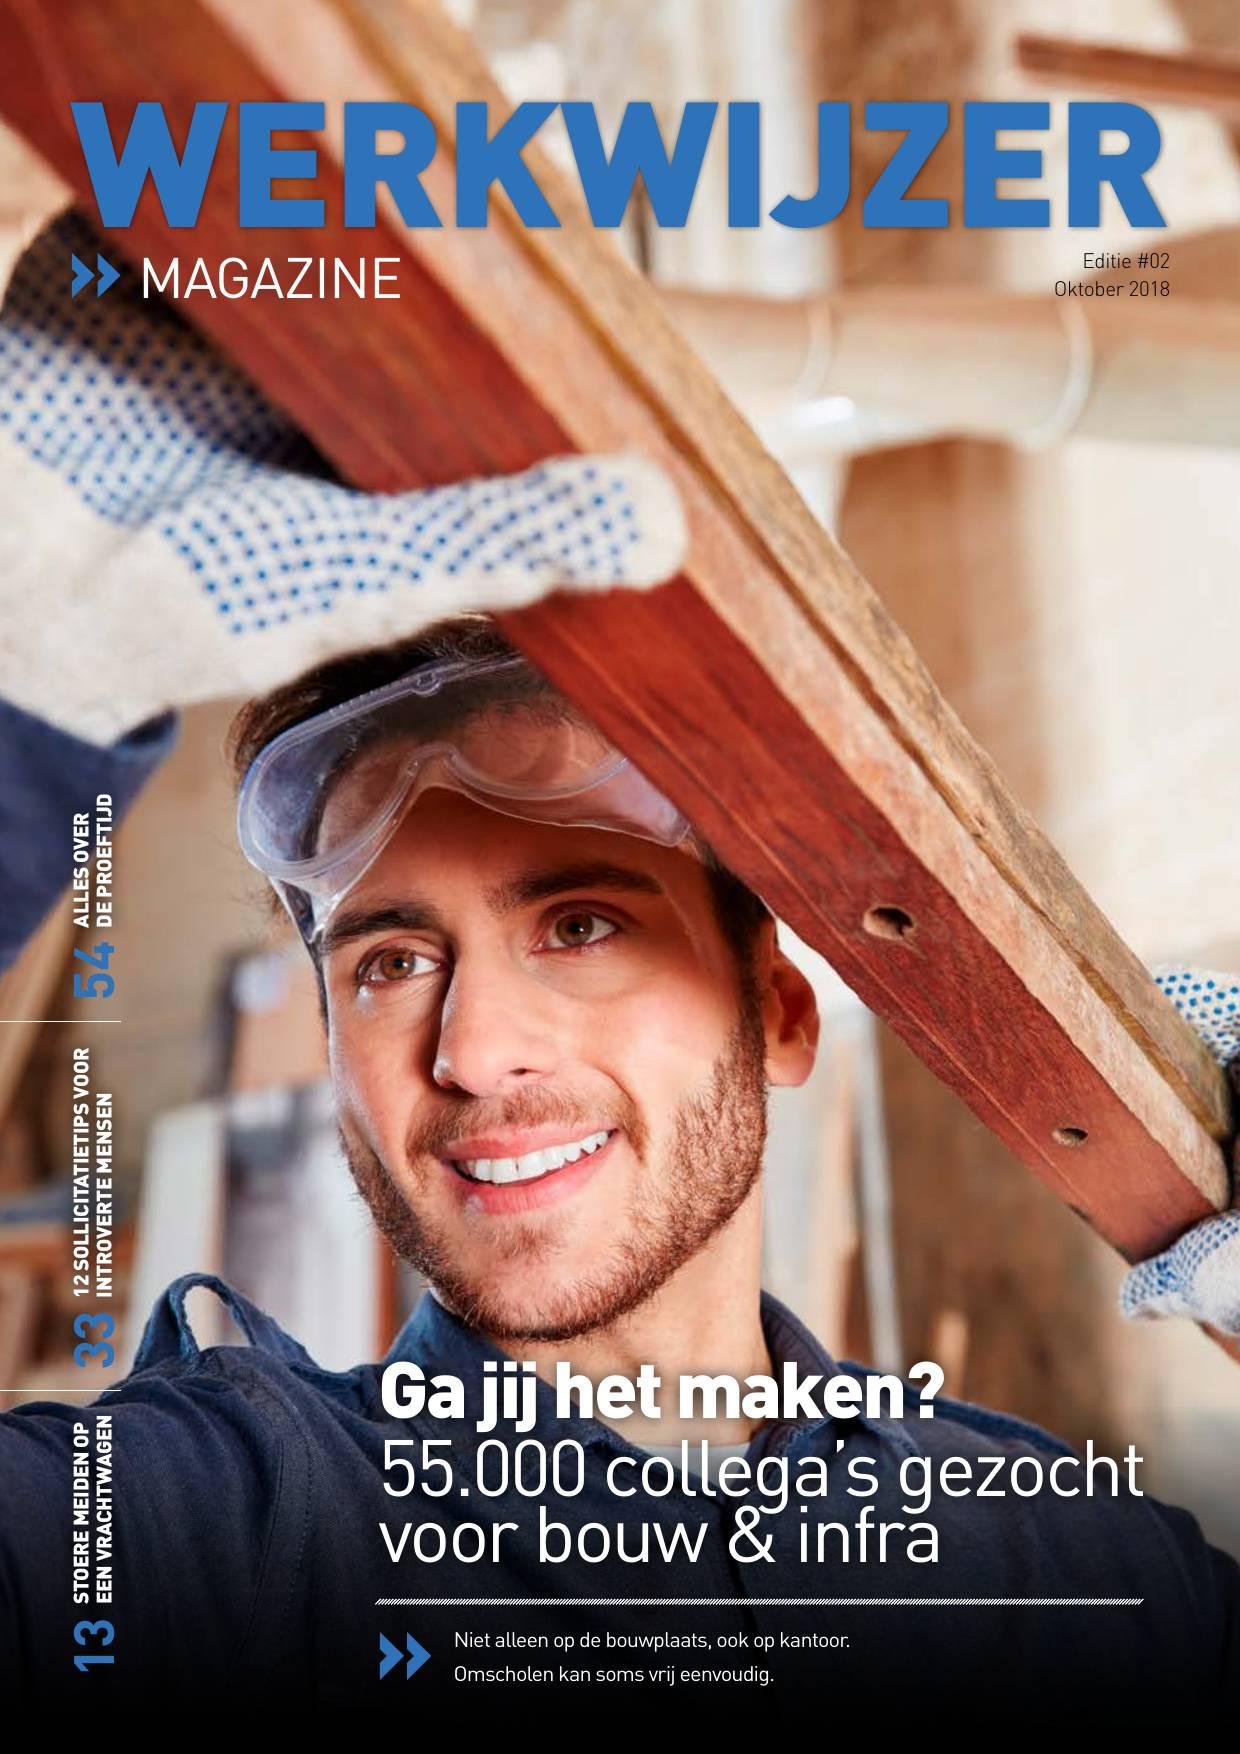 Werkwijzer magazine - 55.000 collega's gezocht